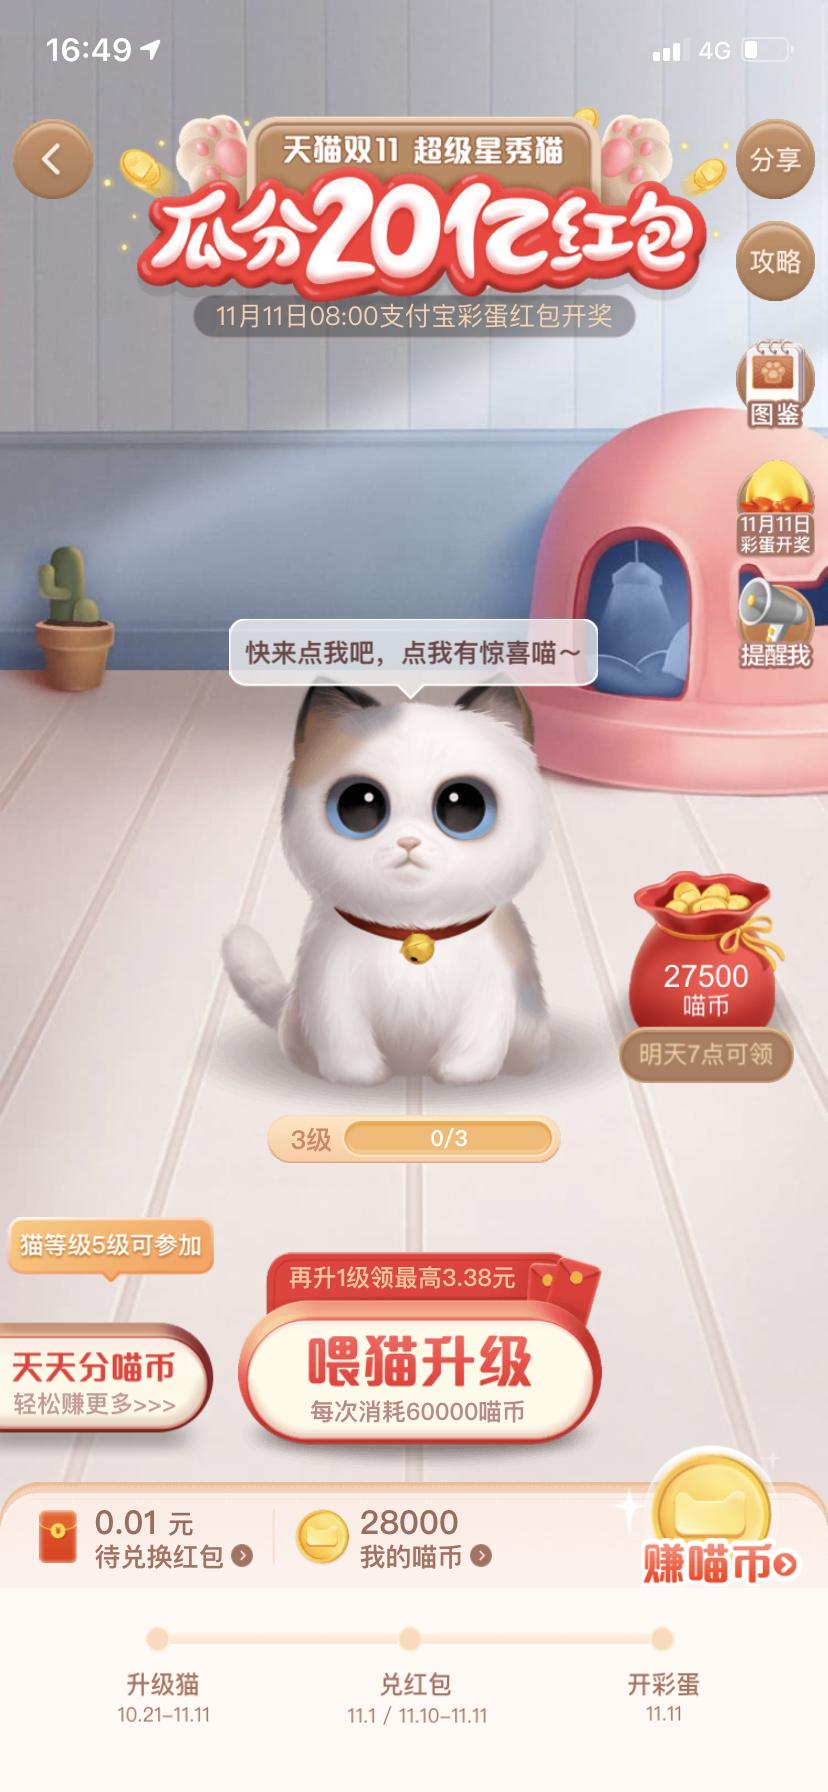 自动养猫v1.0 淘宝双11活动自动任务脚本软件